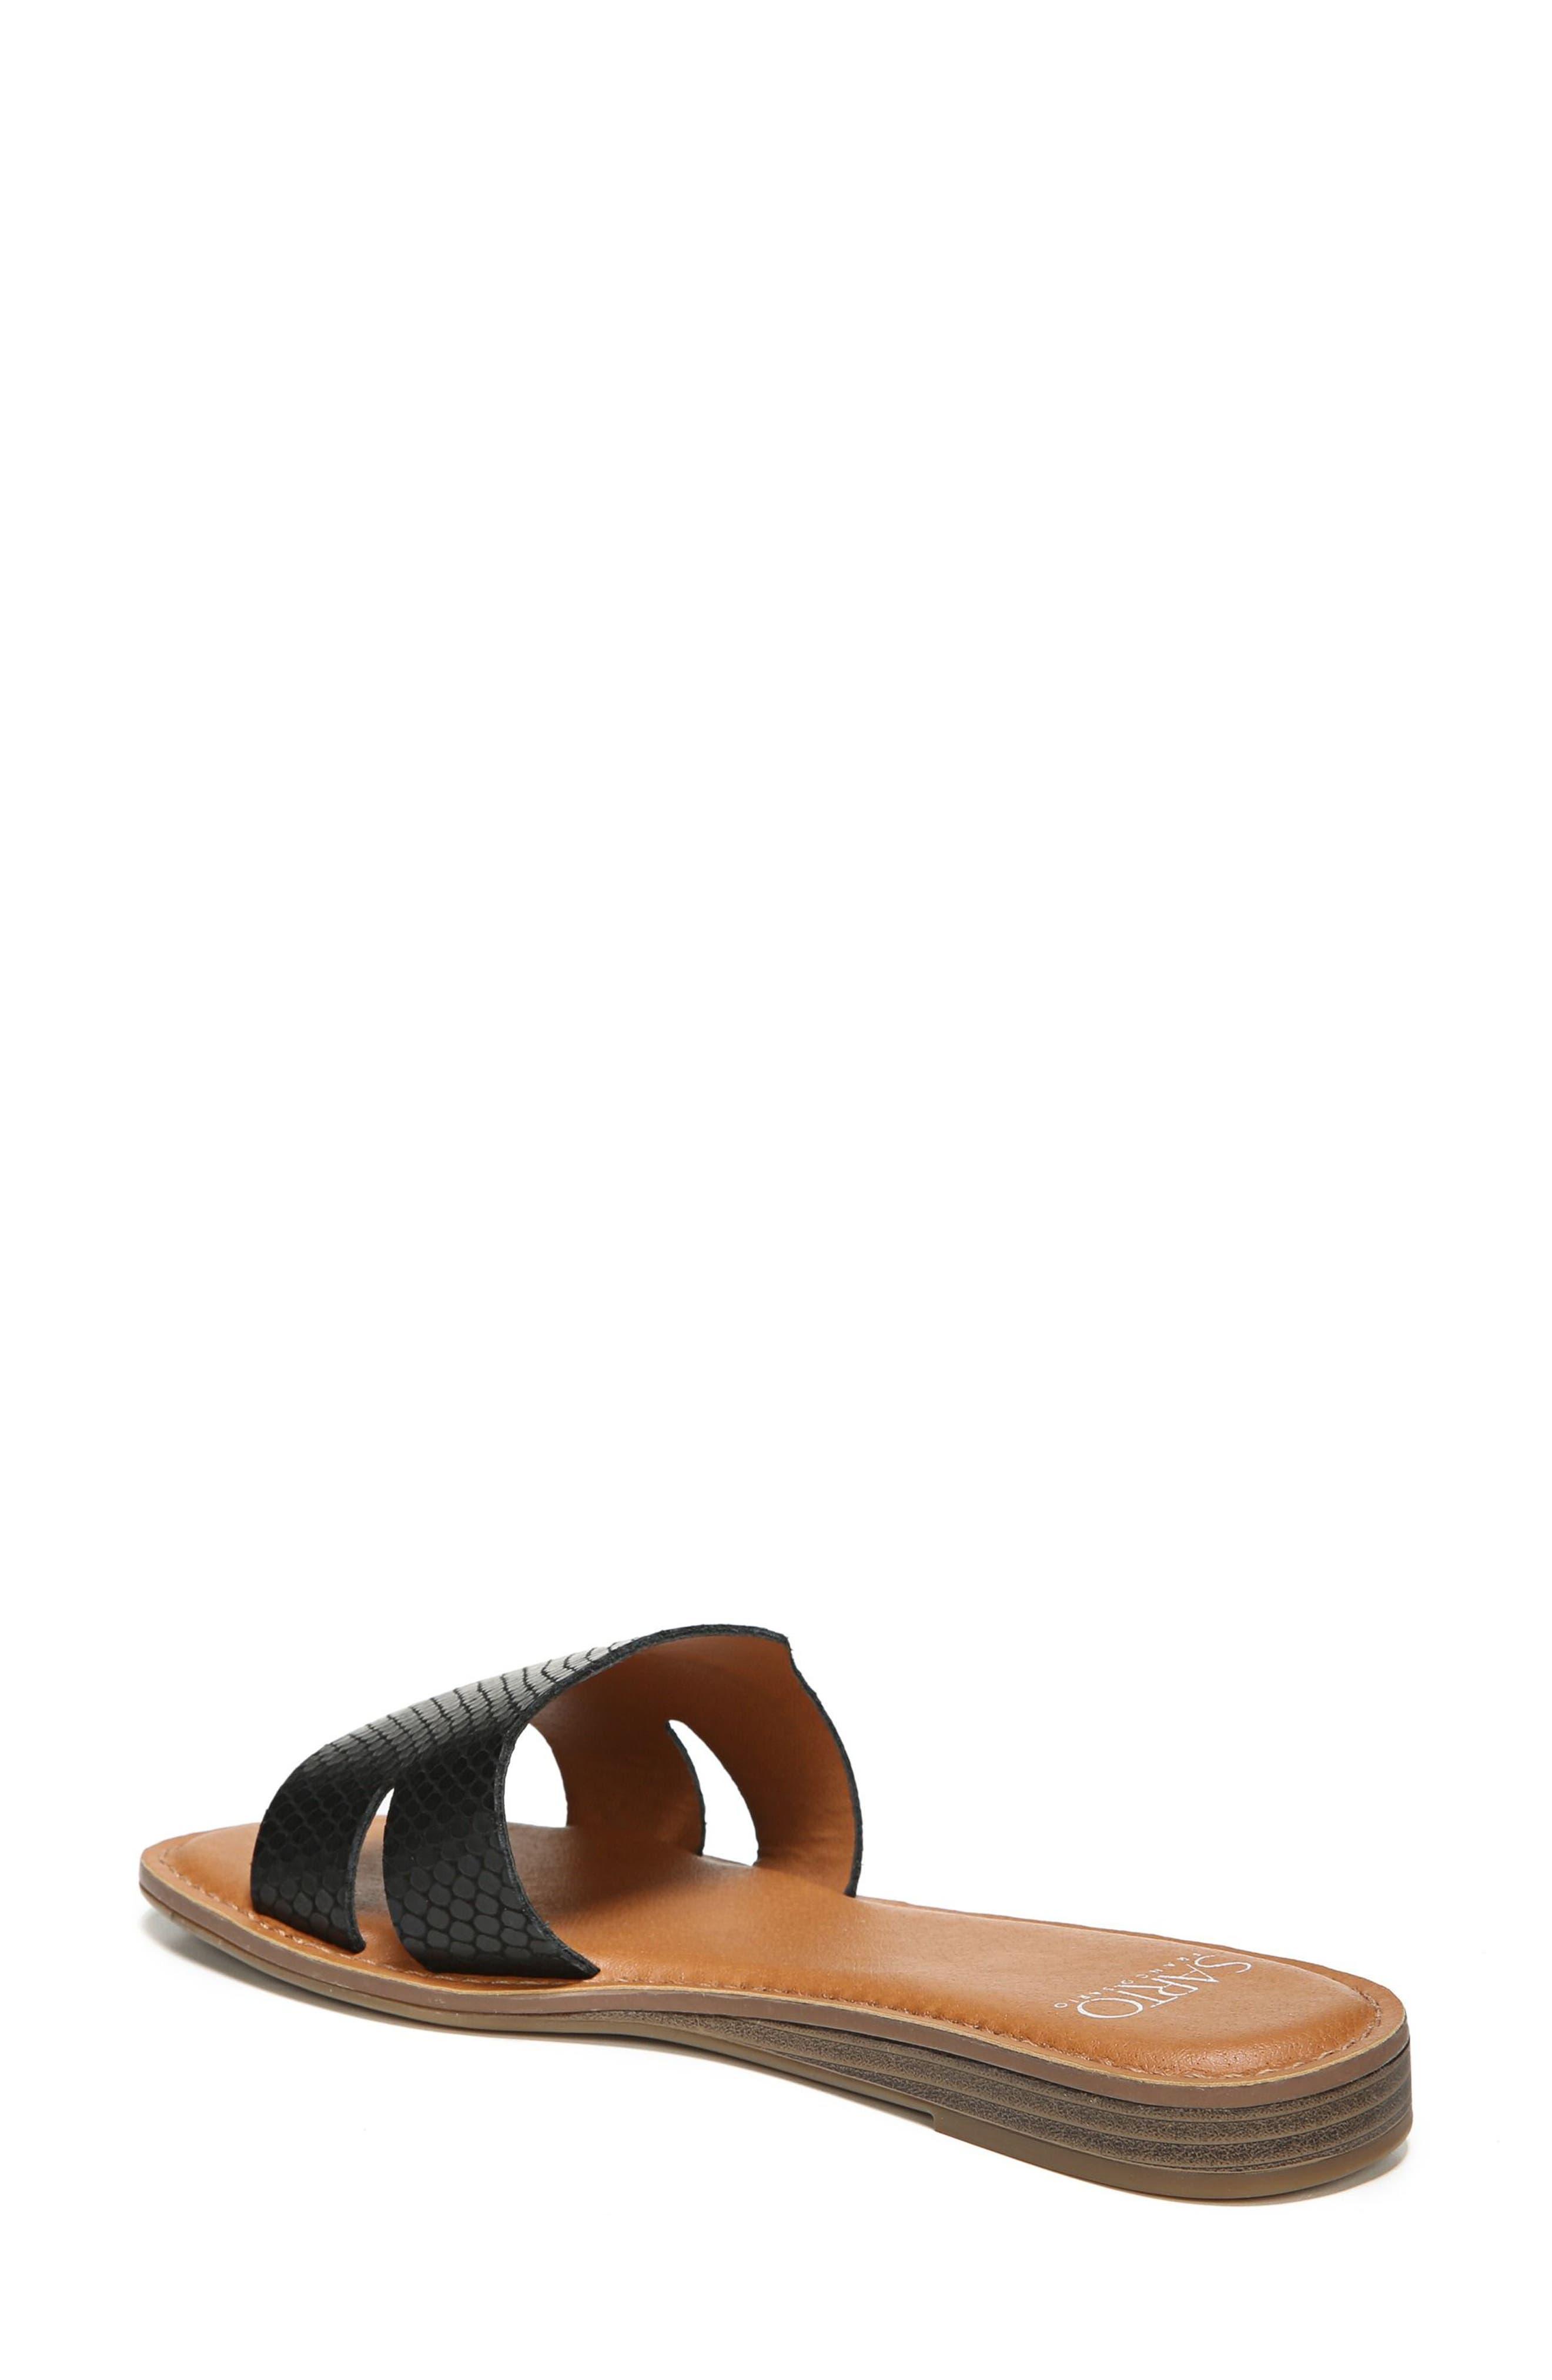 Ginelle Slide Sandal,                             Alternate thumbnail 2, color,                             001